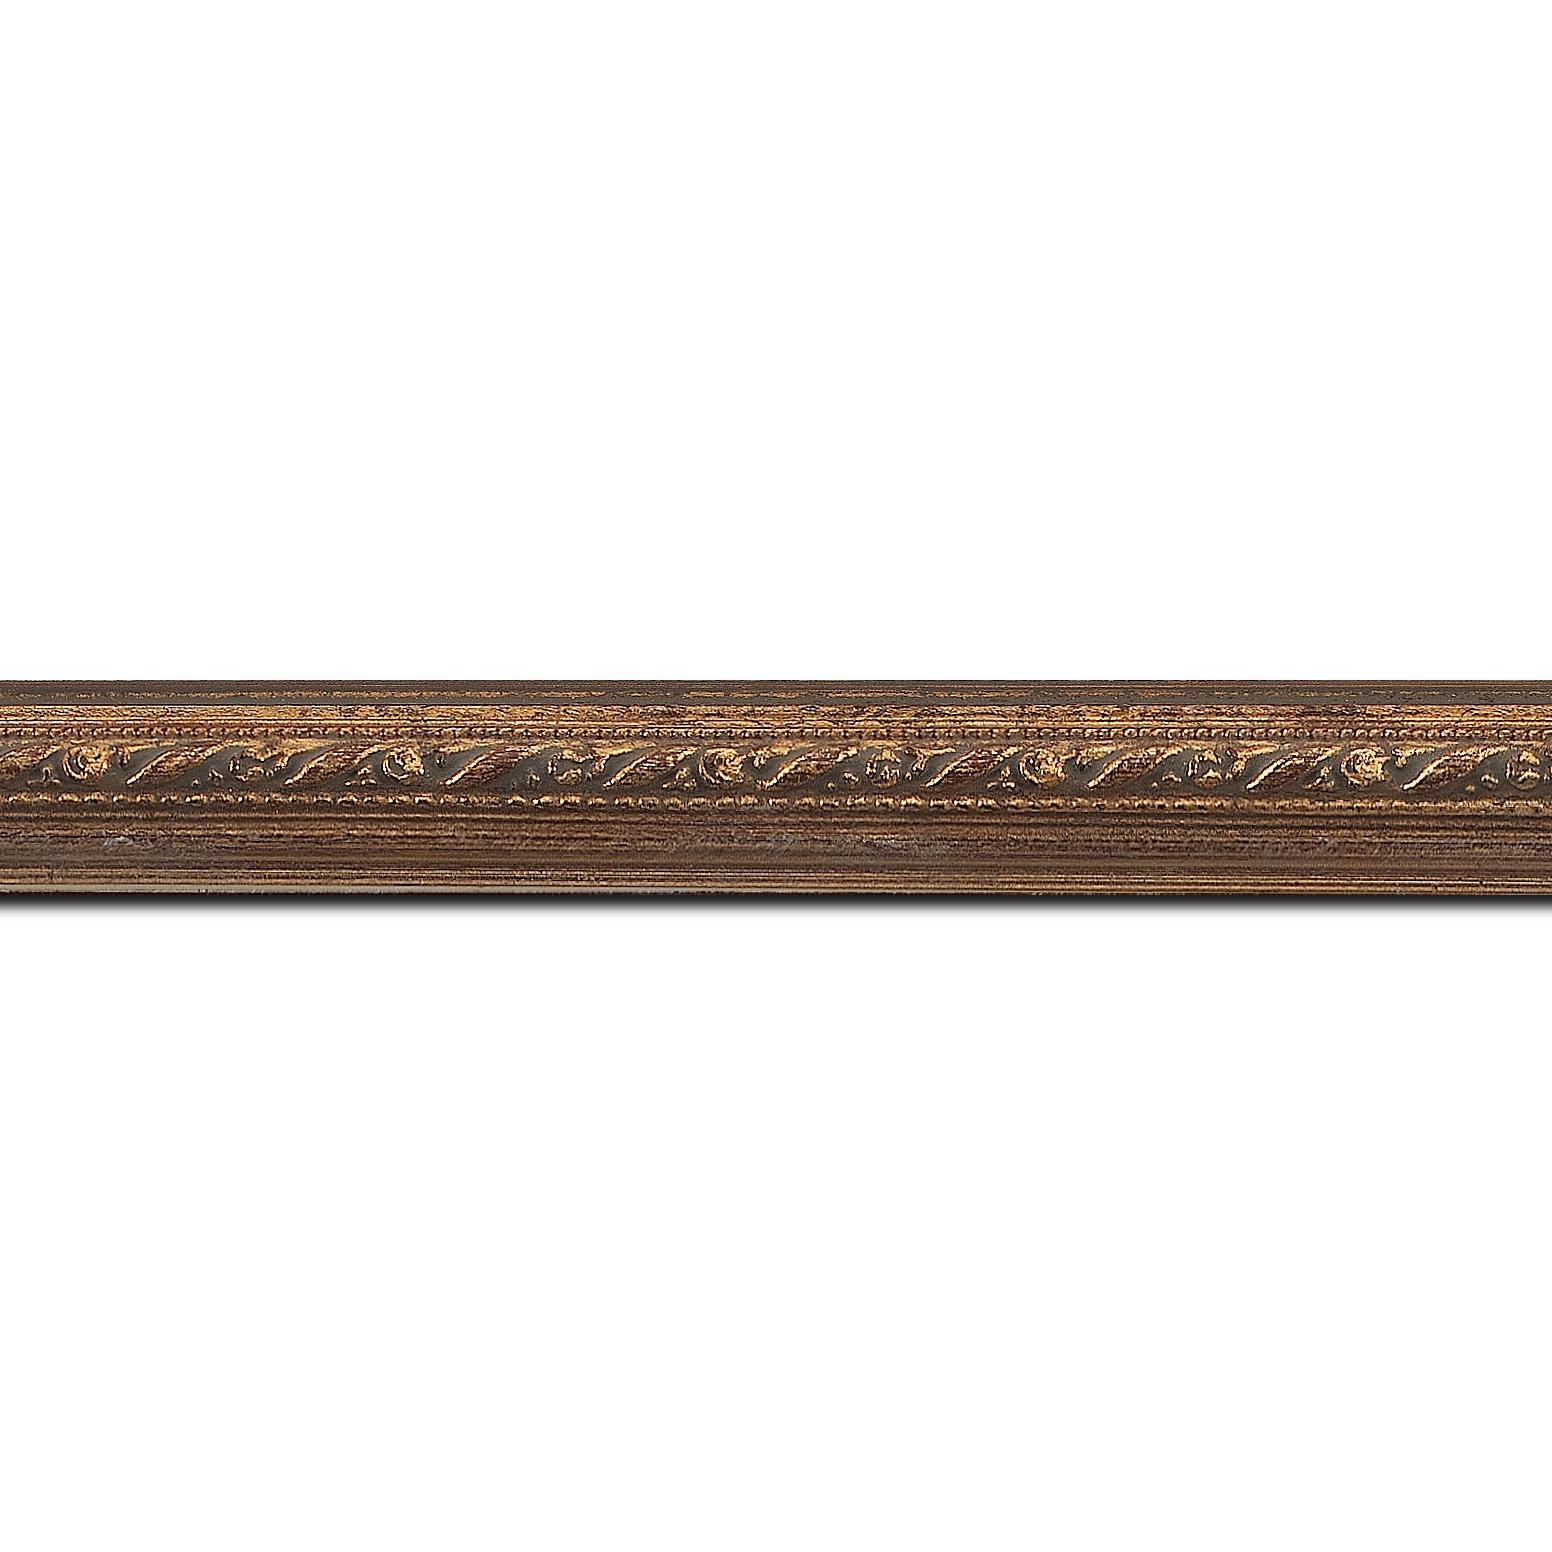 Pack par 12m, bois profil bombé largeur 2cm or antique style (longueur baguette pouvant varier entre 2.40m et 3m selon arrivage des bois)